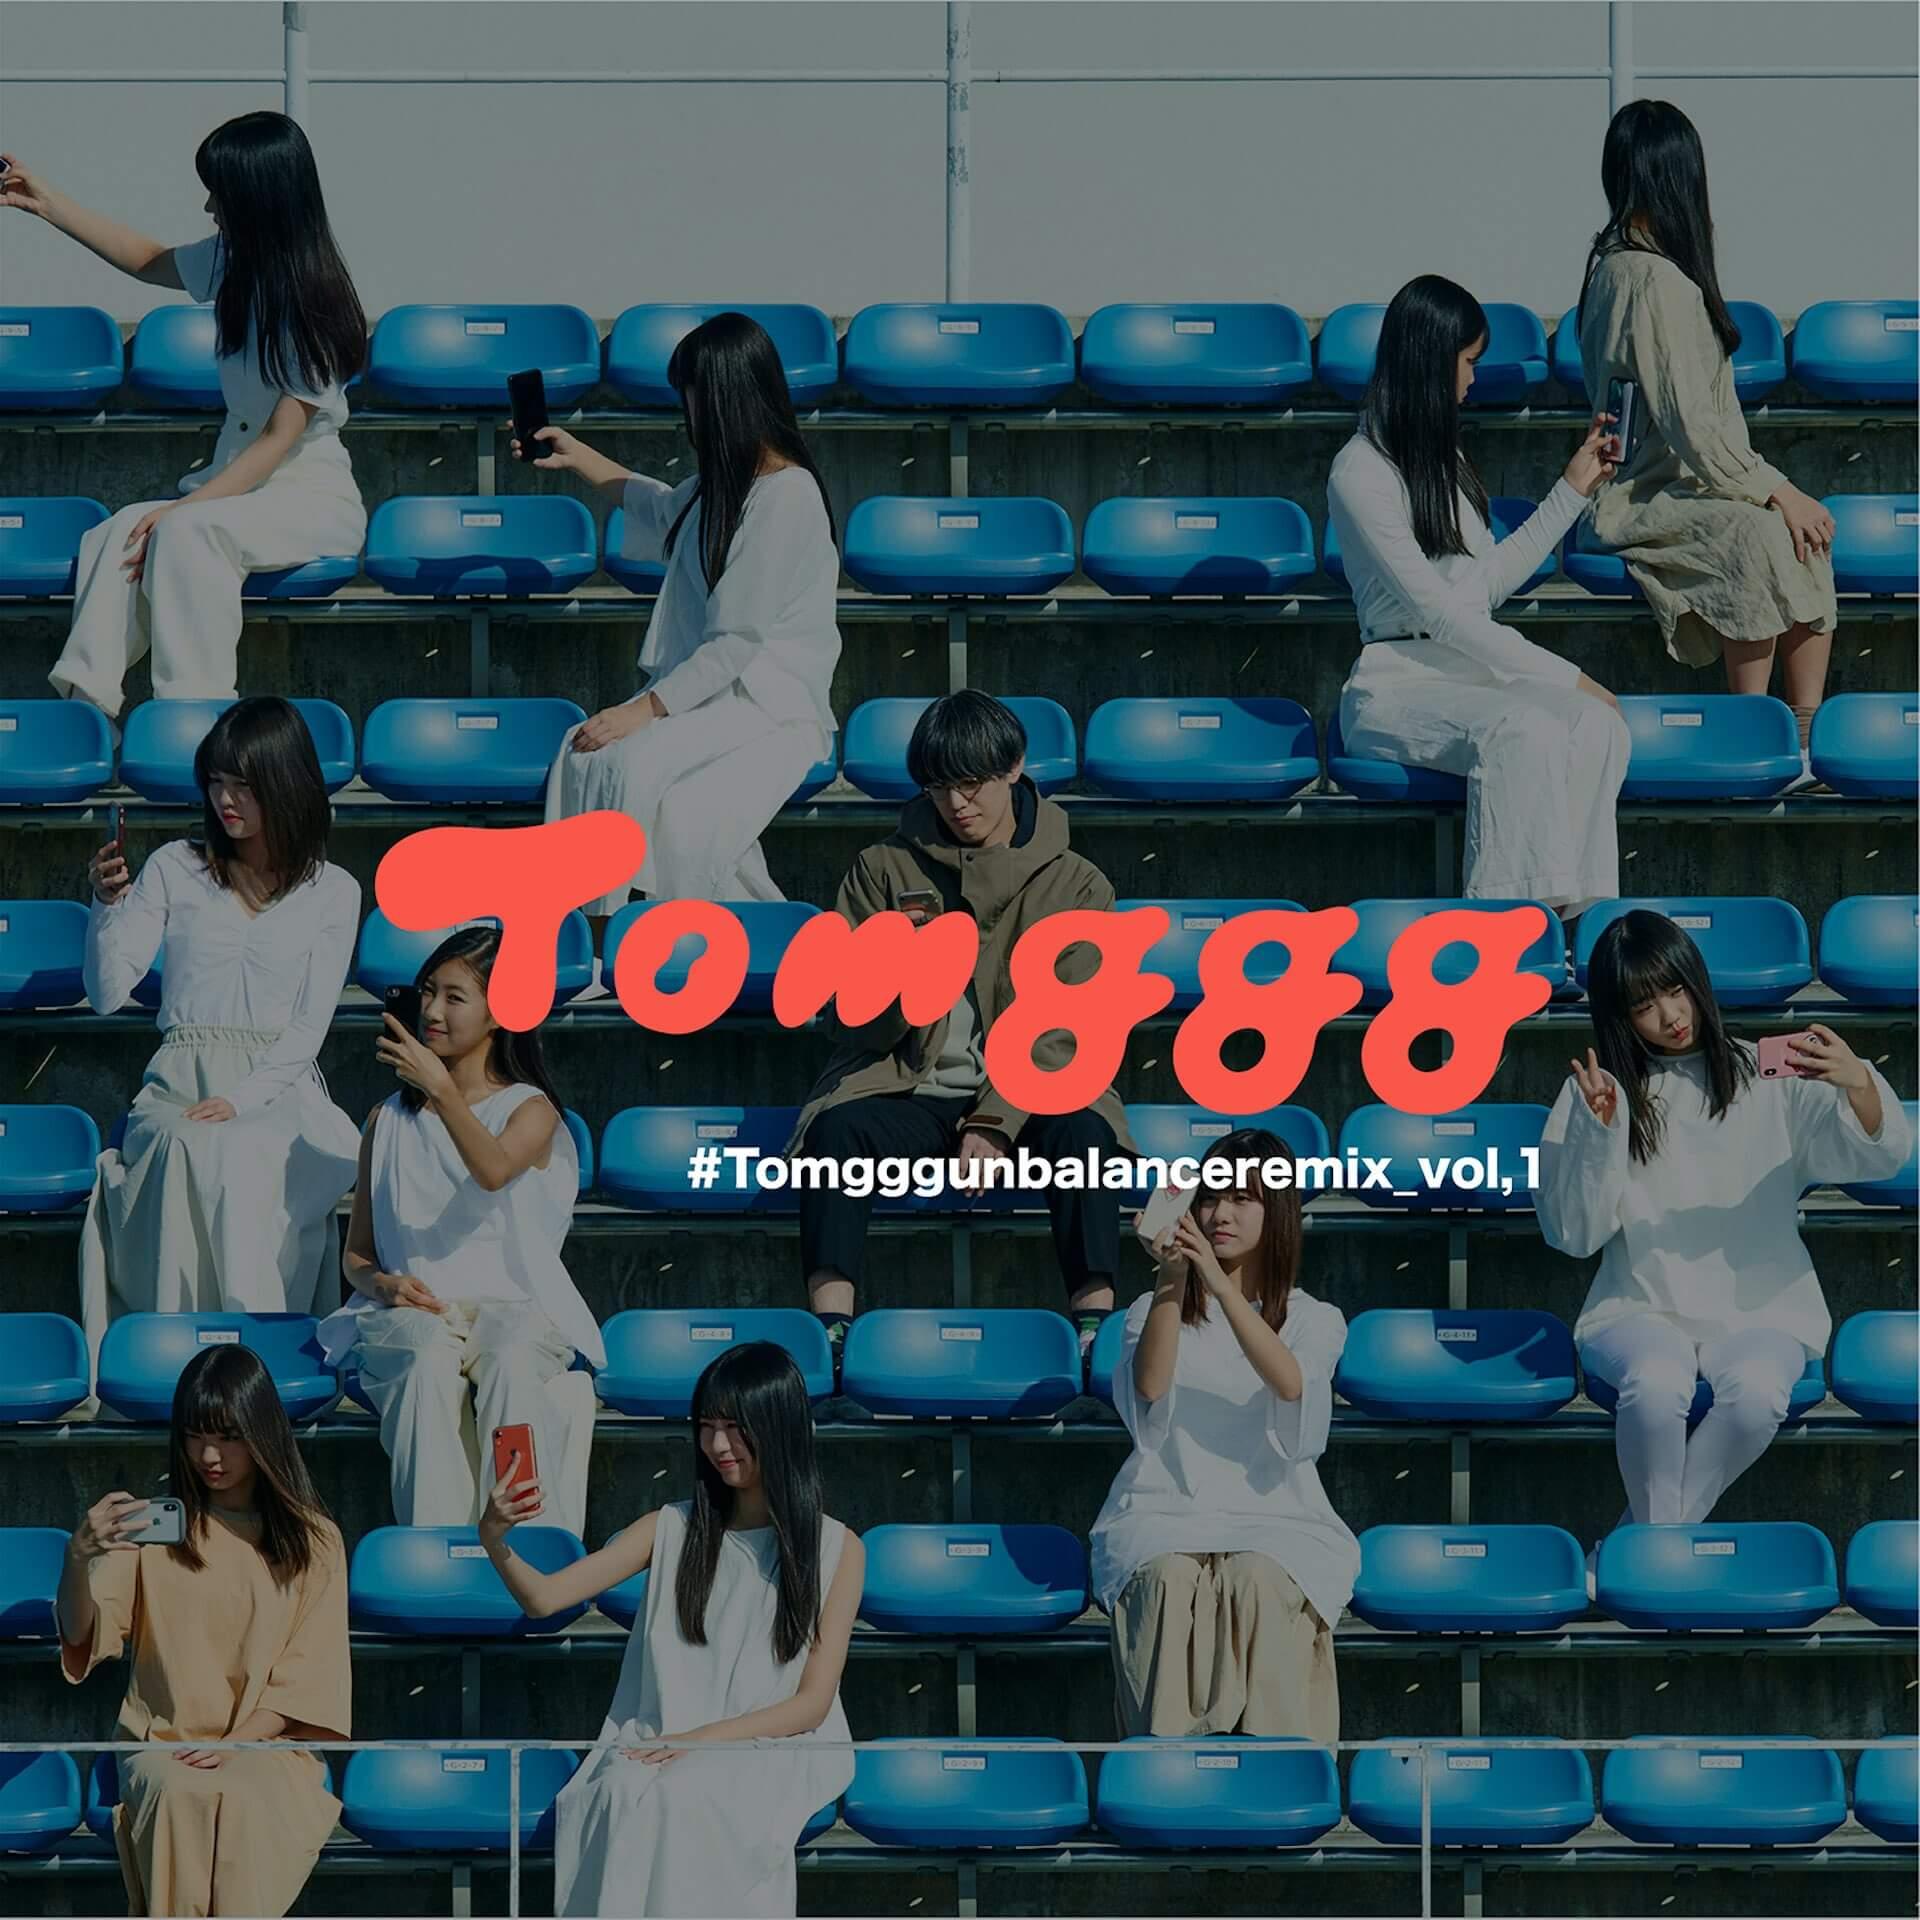 Tomggg「Unbalance Remix Project」の優秀作品が2回に分けてオフィシャルリリース!Tomgggのコメント付きで発表 music200529_tomggg_remix_01